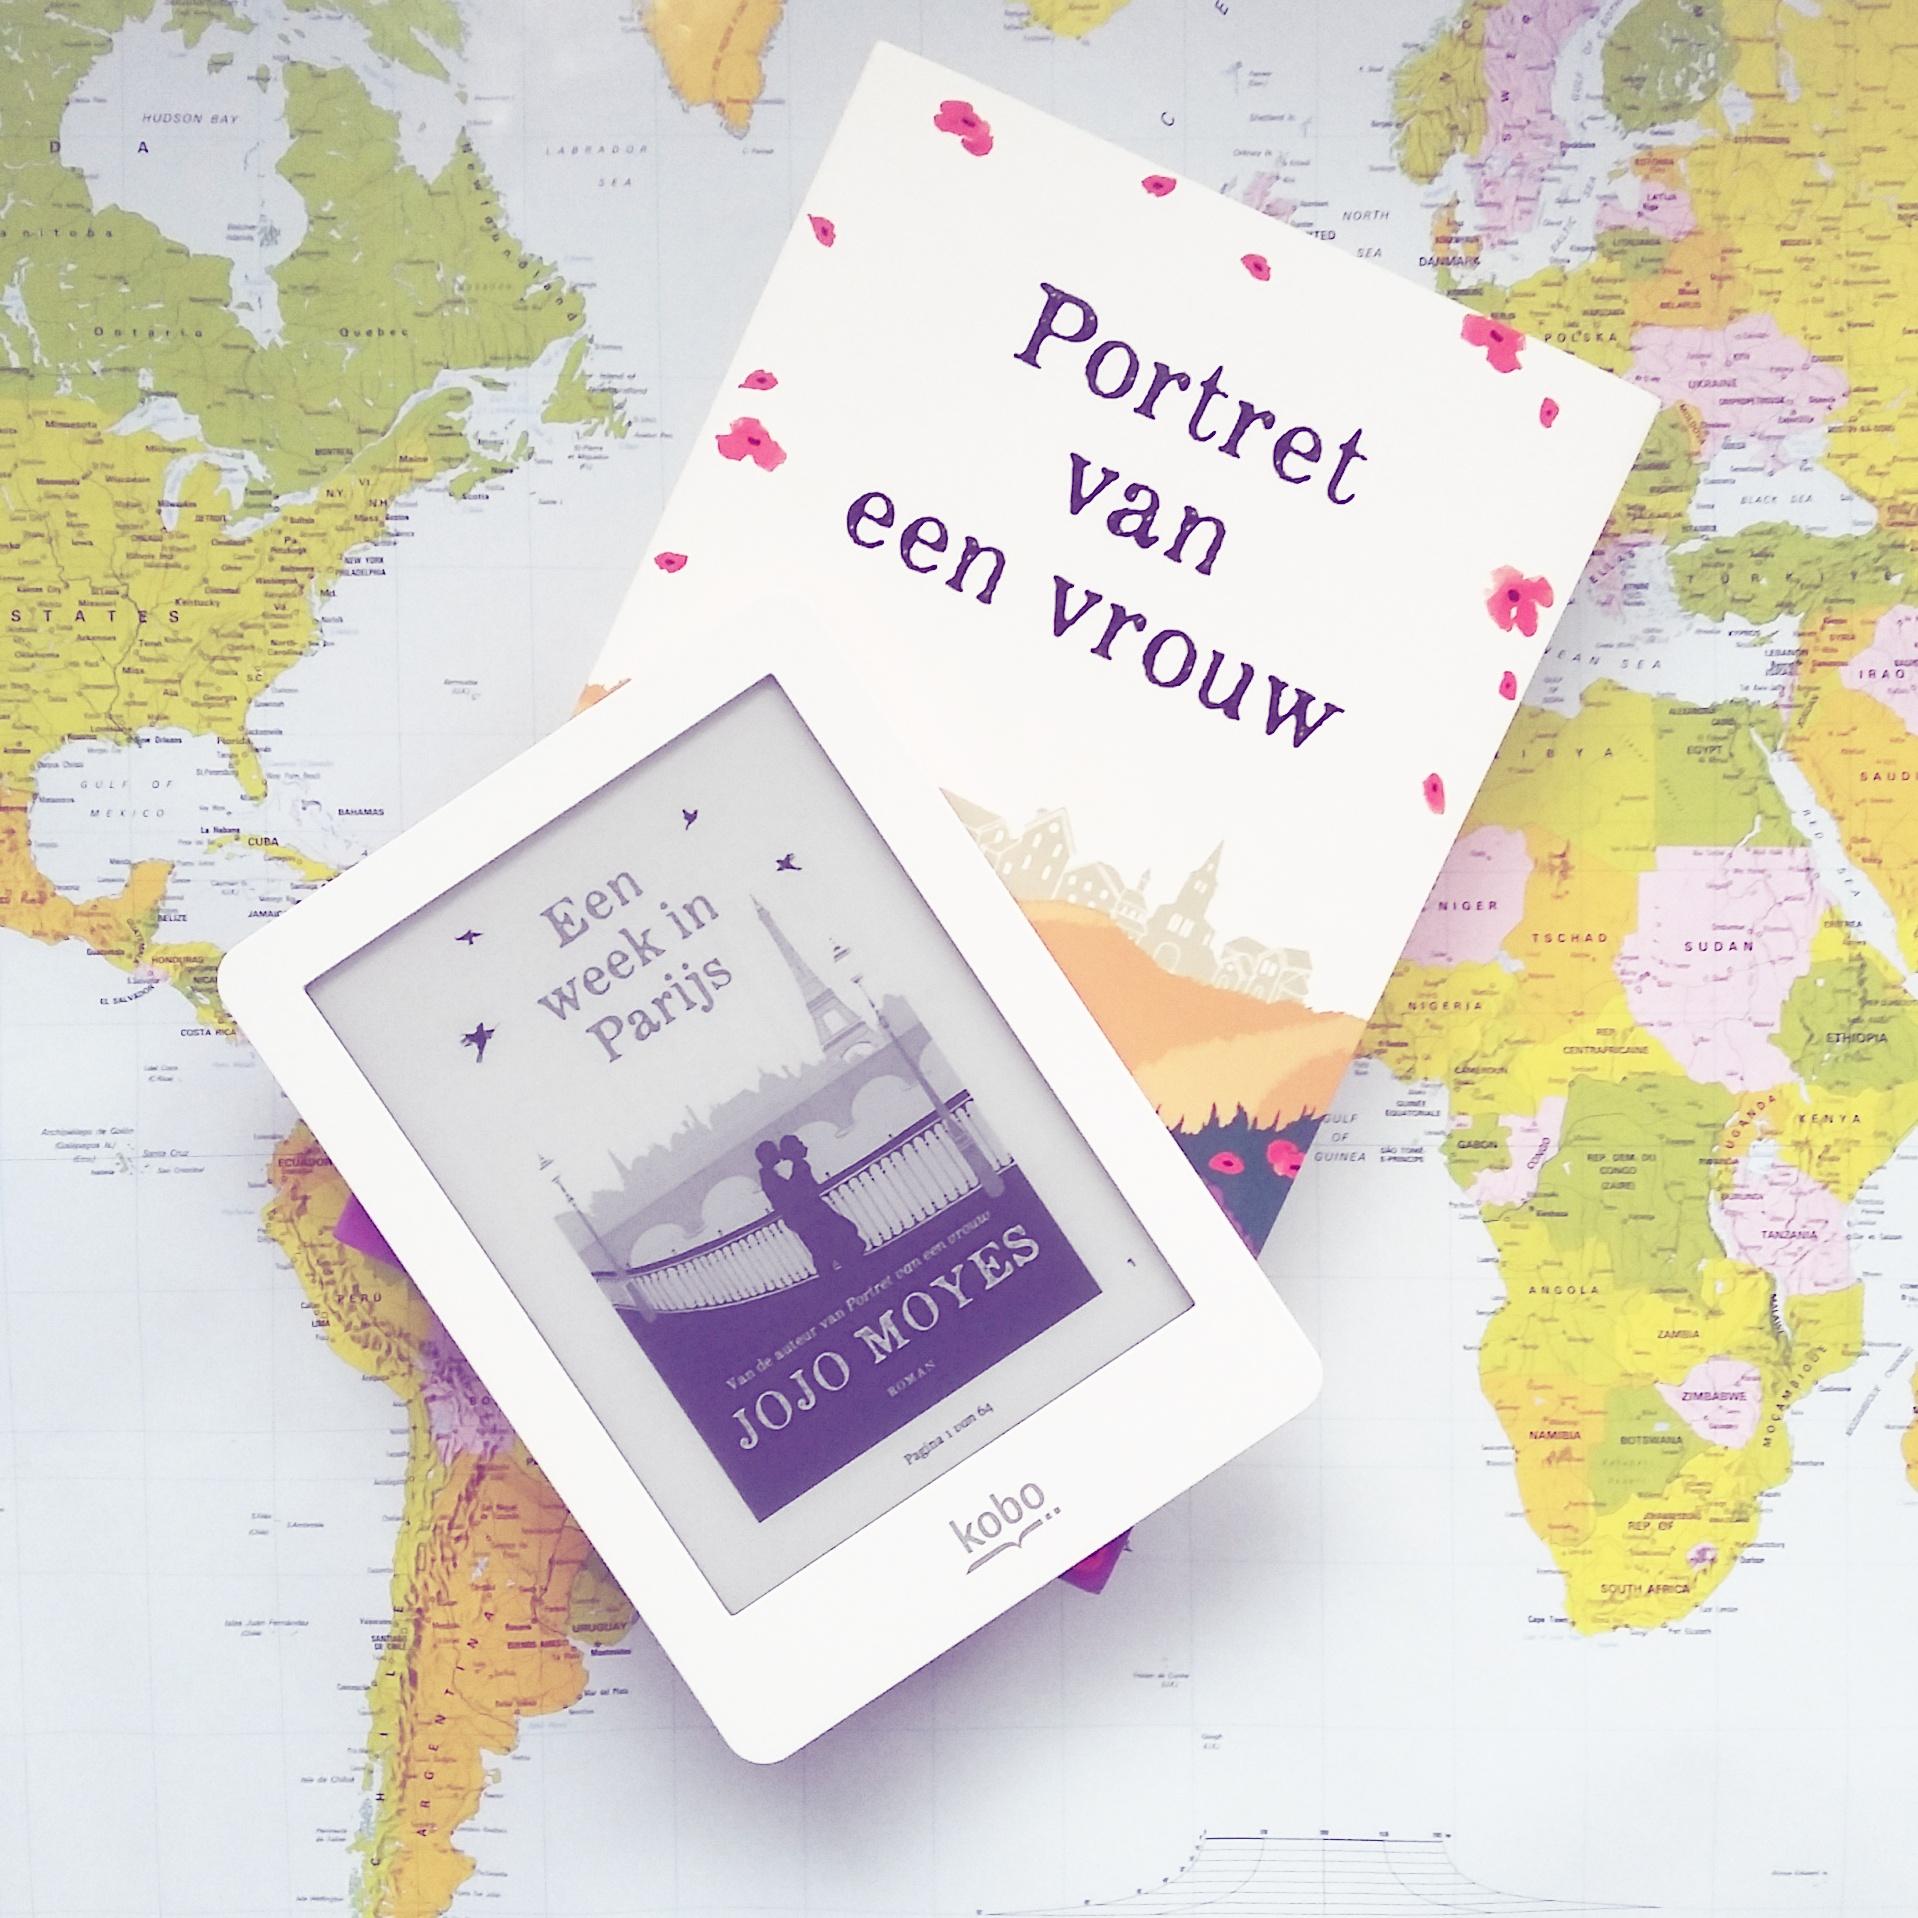 Boekrecensie: Jojo Moyes - Een week in Parijs